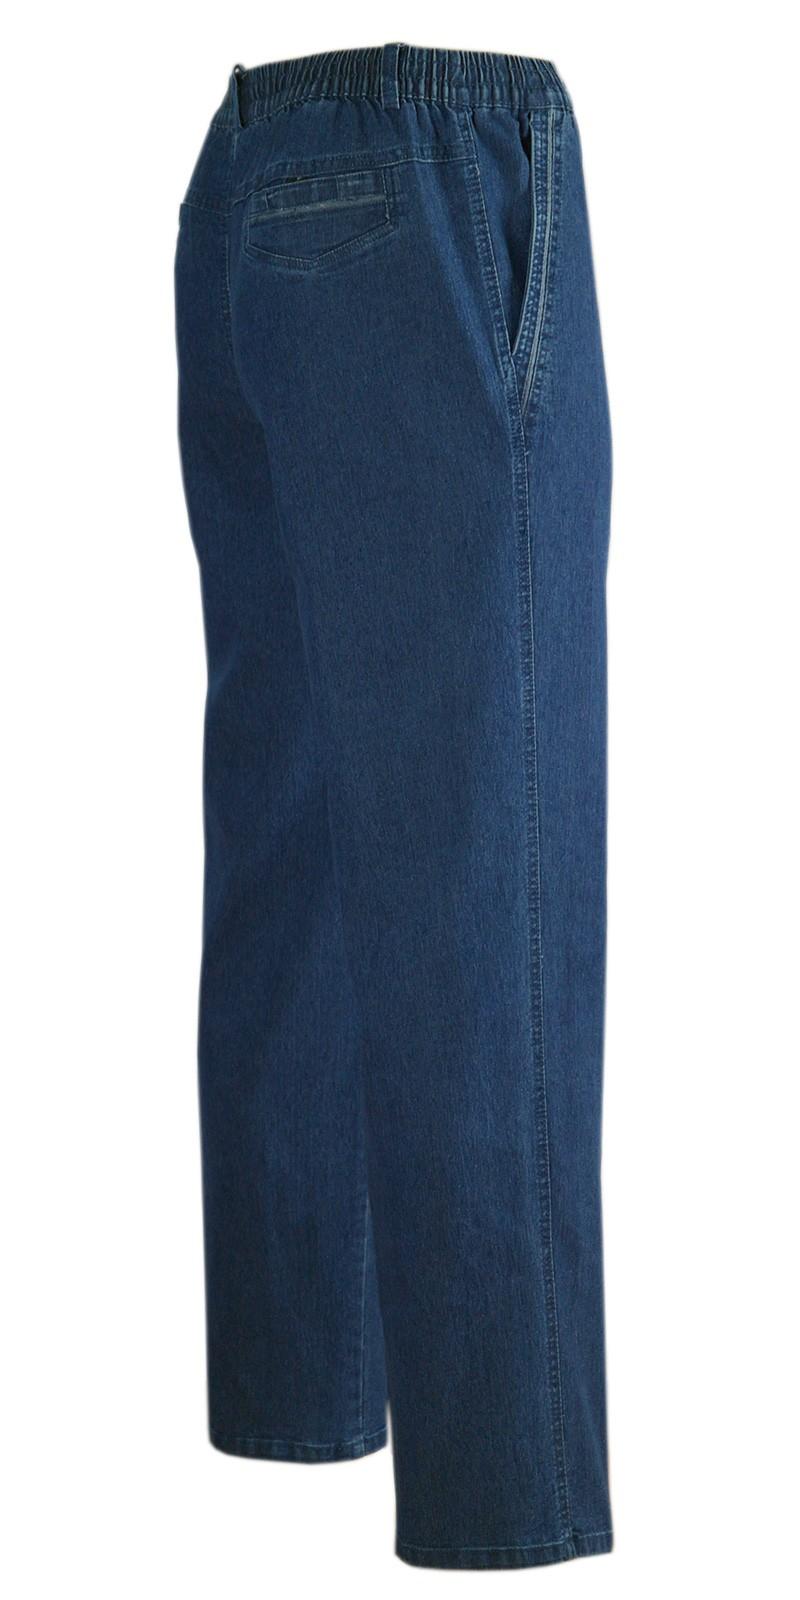 Herren Jeans Stretch Schlupfhose Schlupfjeans ohne Cargo-Taschen blue